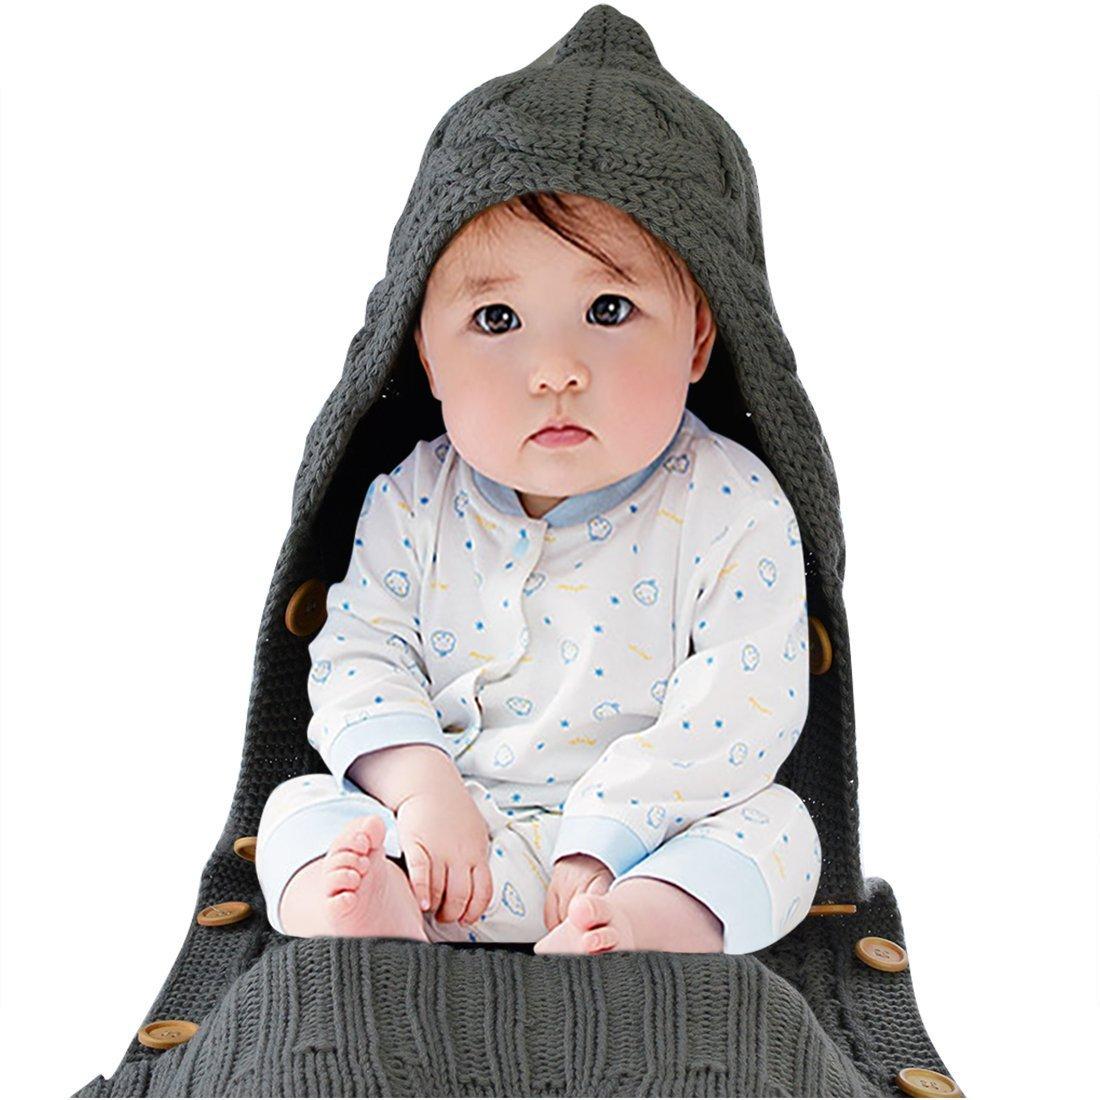 ニット新生児ベビーラップおくるみブランケットキッズ幼児用寝袋スリープサックベビーカーラップスリープSacksボタン0 – 6ヶ月 グレー 43224-14993  グレー B0777FLFJ1